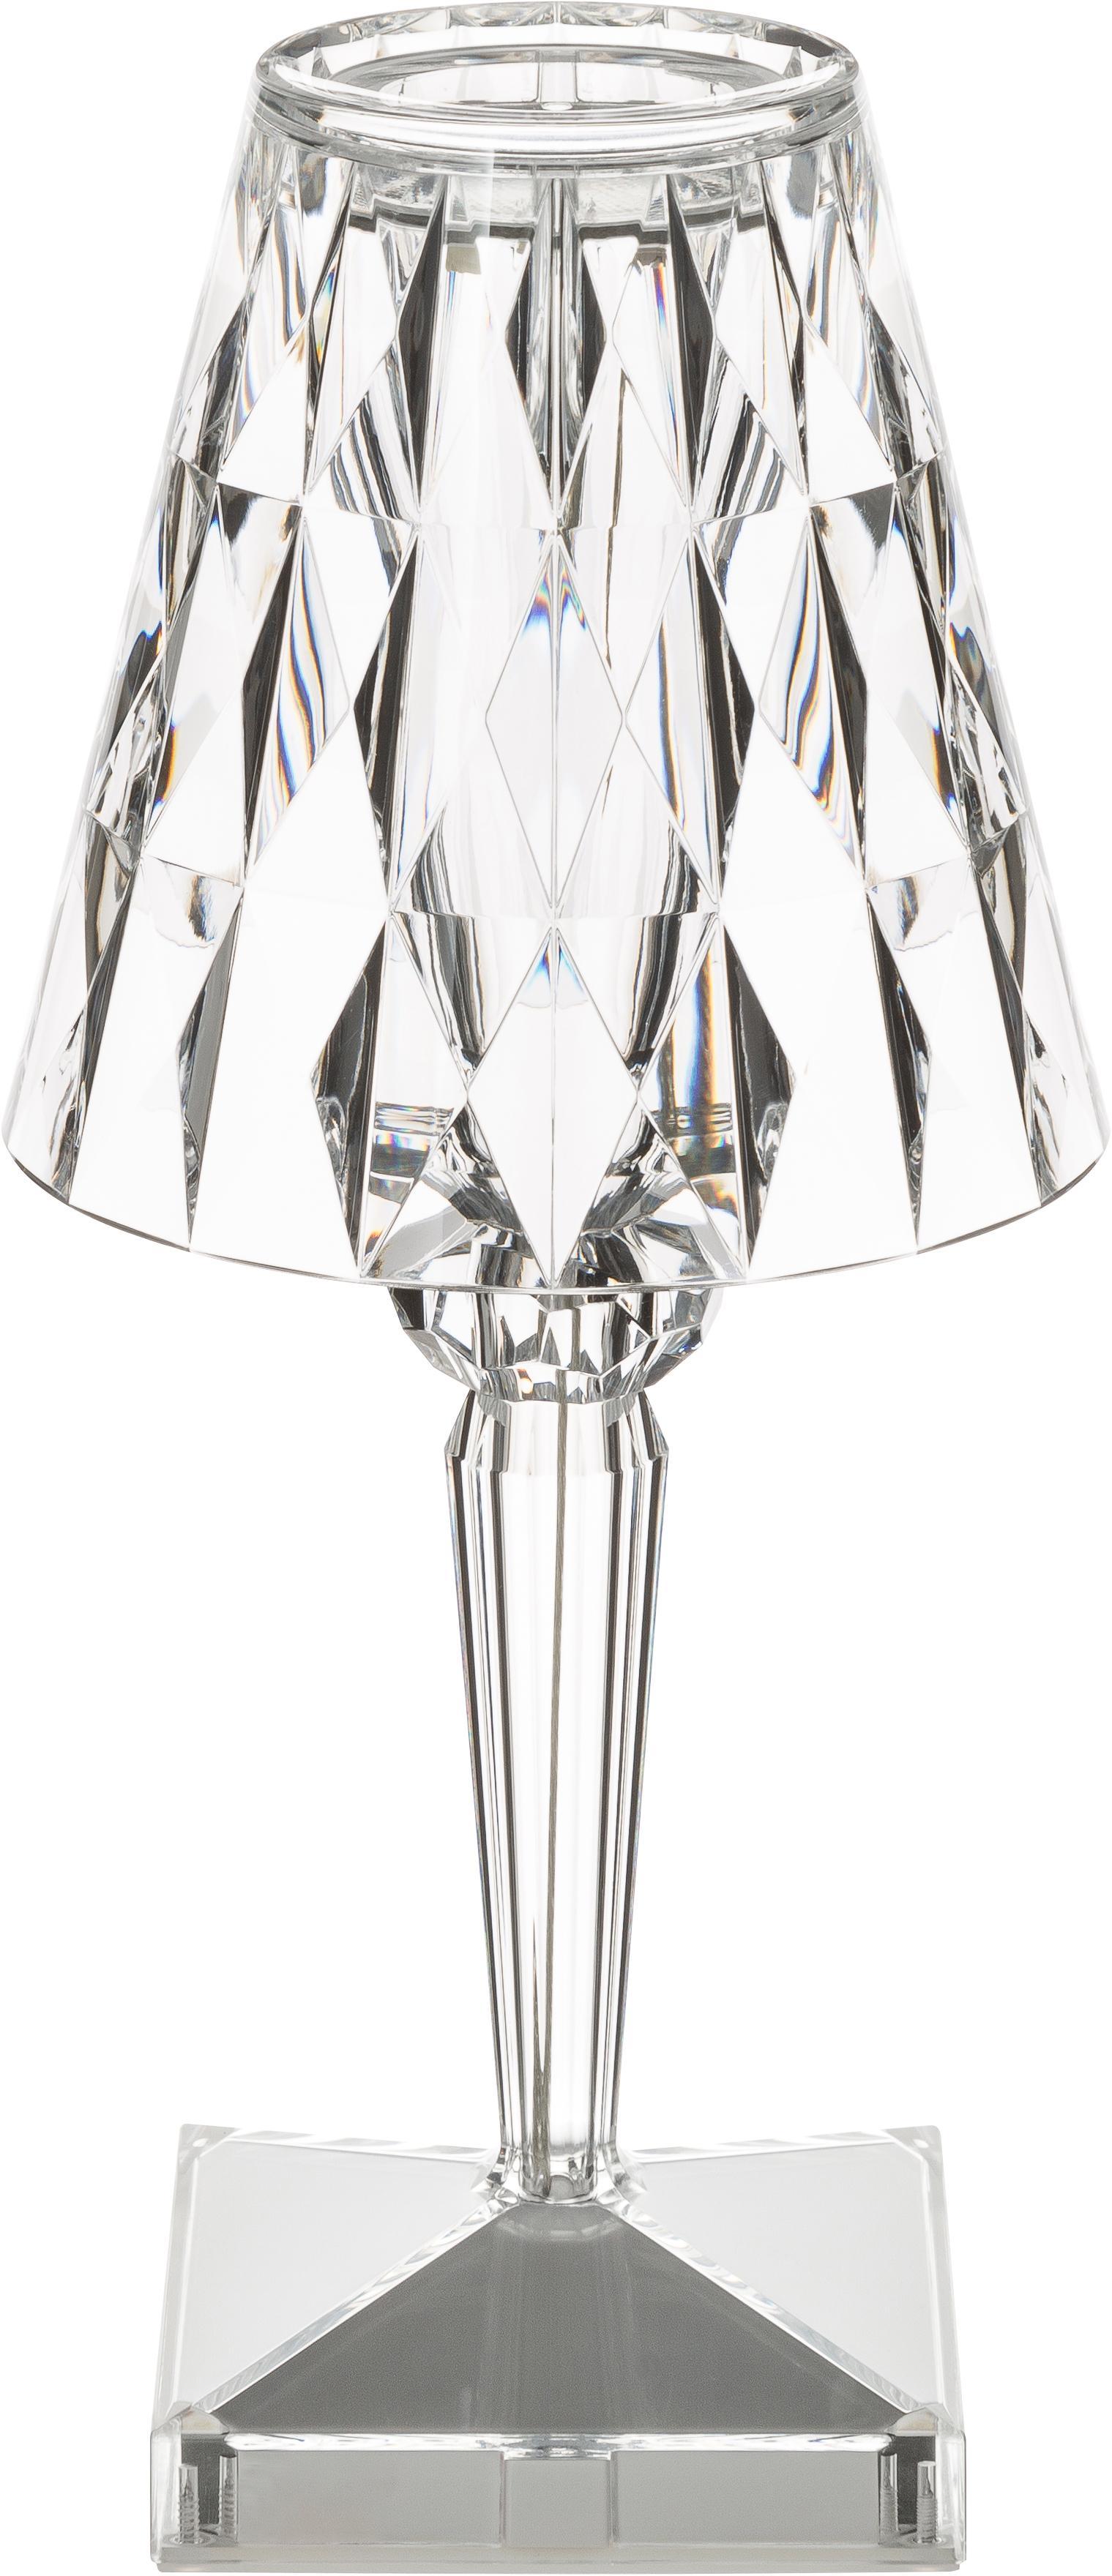 Lampa stołowa LED z tworzywa sztucznego Battery, Tworzywo sztuczne, Transparentny, Ø 12 x W 26 cm